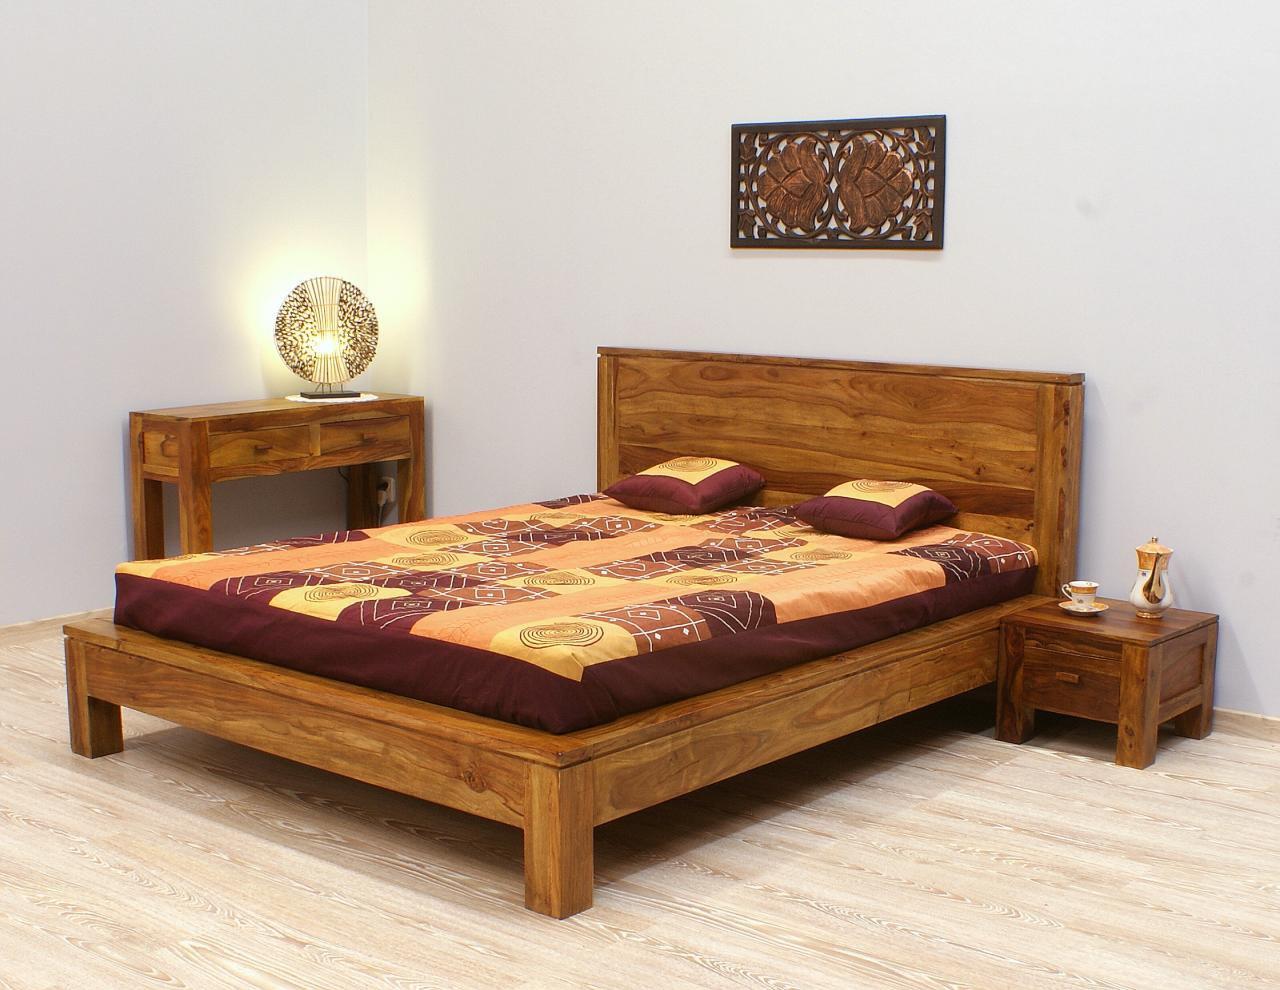 Łóżko kolonialne lite drewno palisander indyjski jasny brąz unikatowe styl nowoczesny